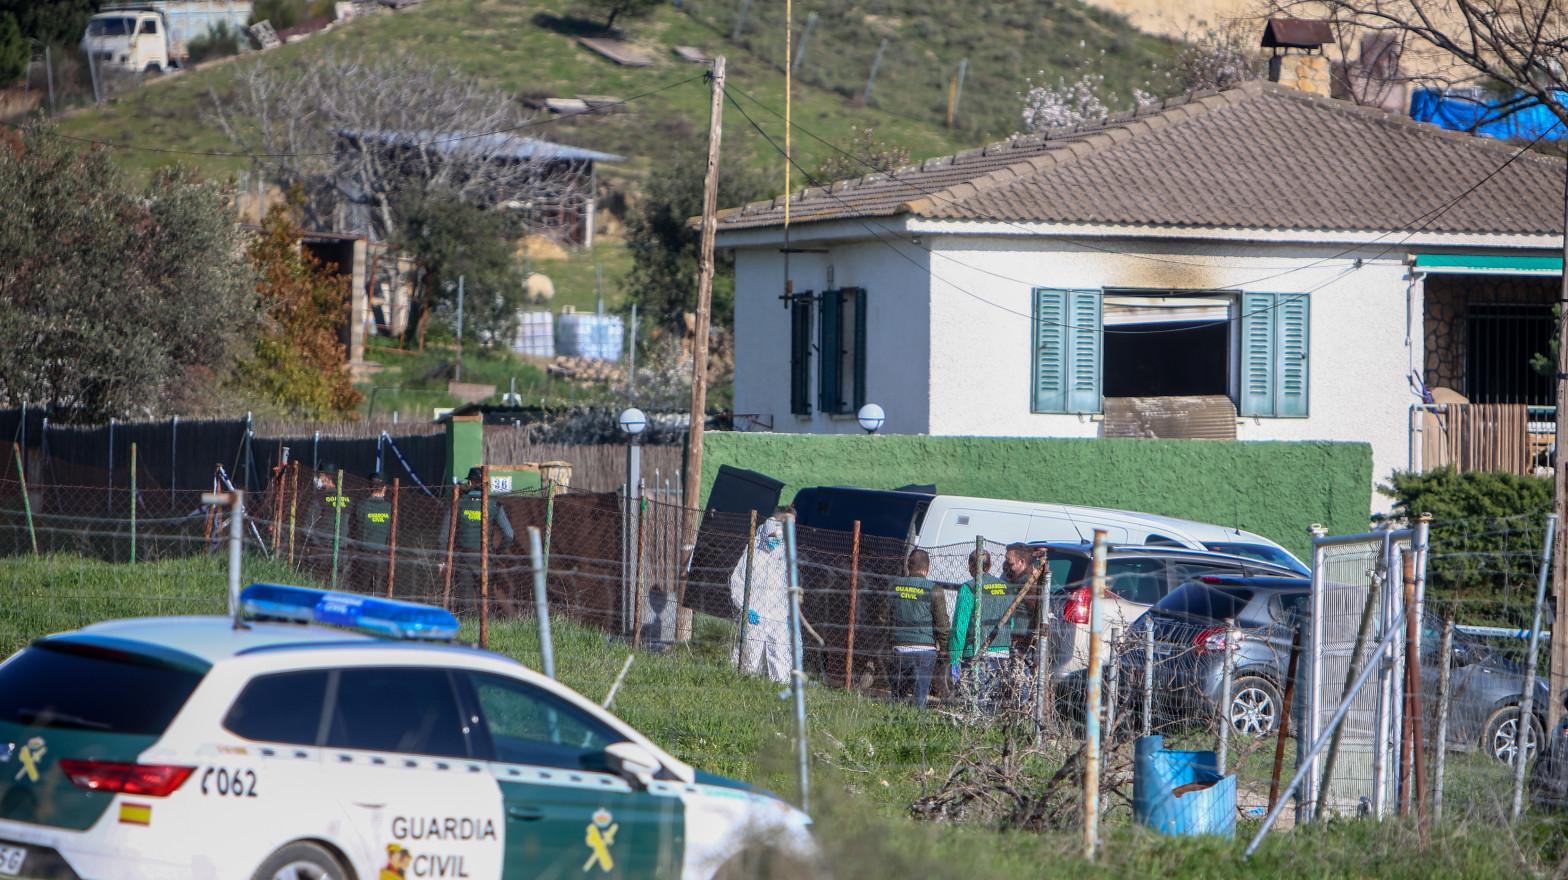 El presunto asesino de El Molar mató anoche a su mujer e hija y esta mañana se suicidó